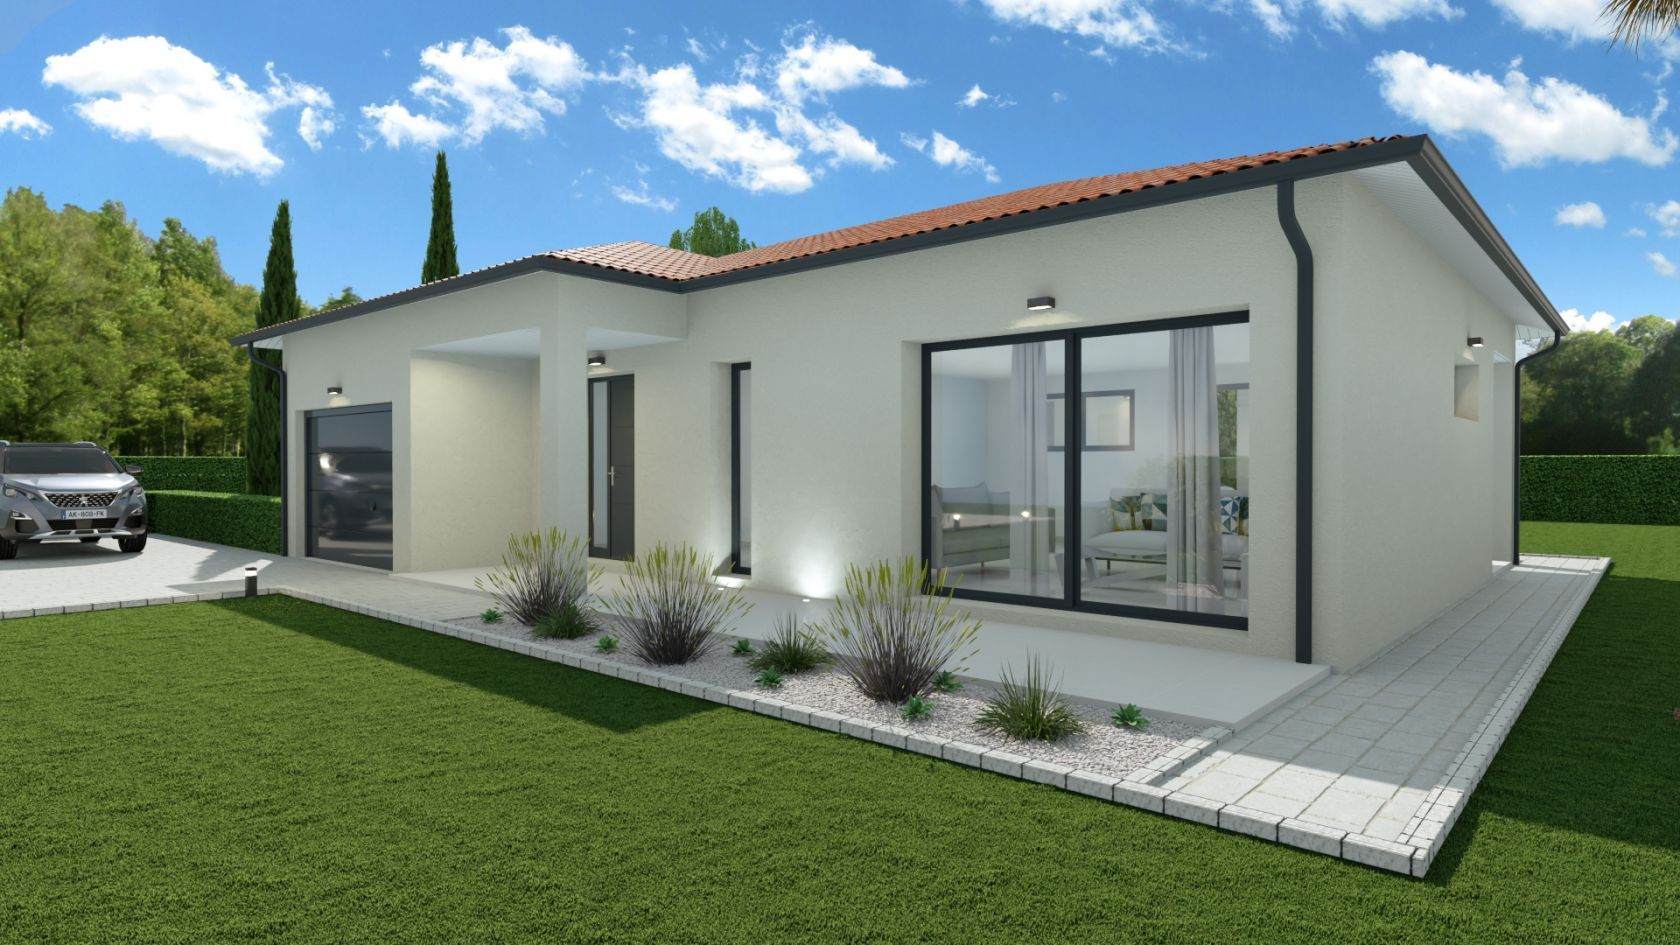 Maison 99.9 m² avec terrain à SAINTE-ANNE-SUR-GERVONDE (38) 2